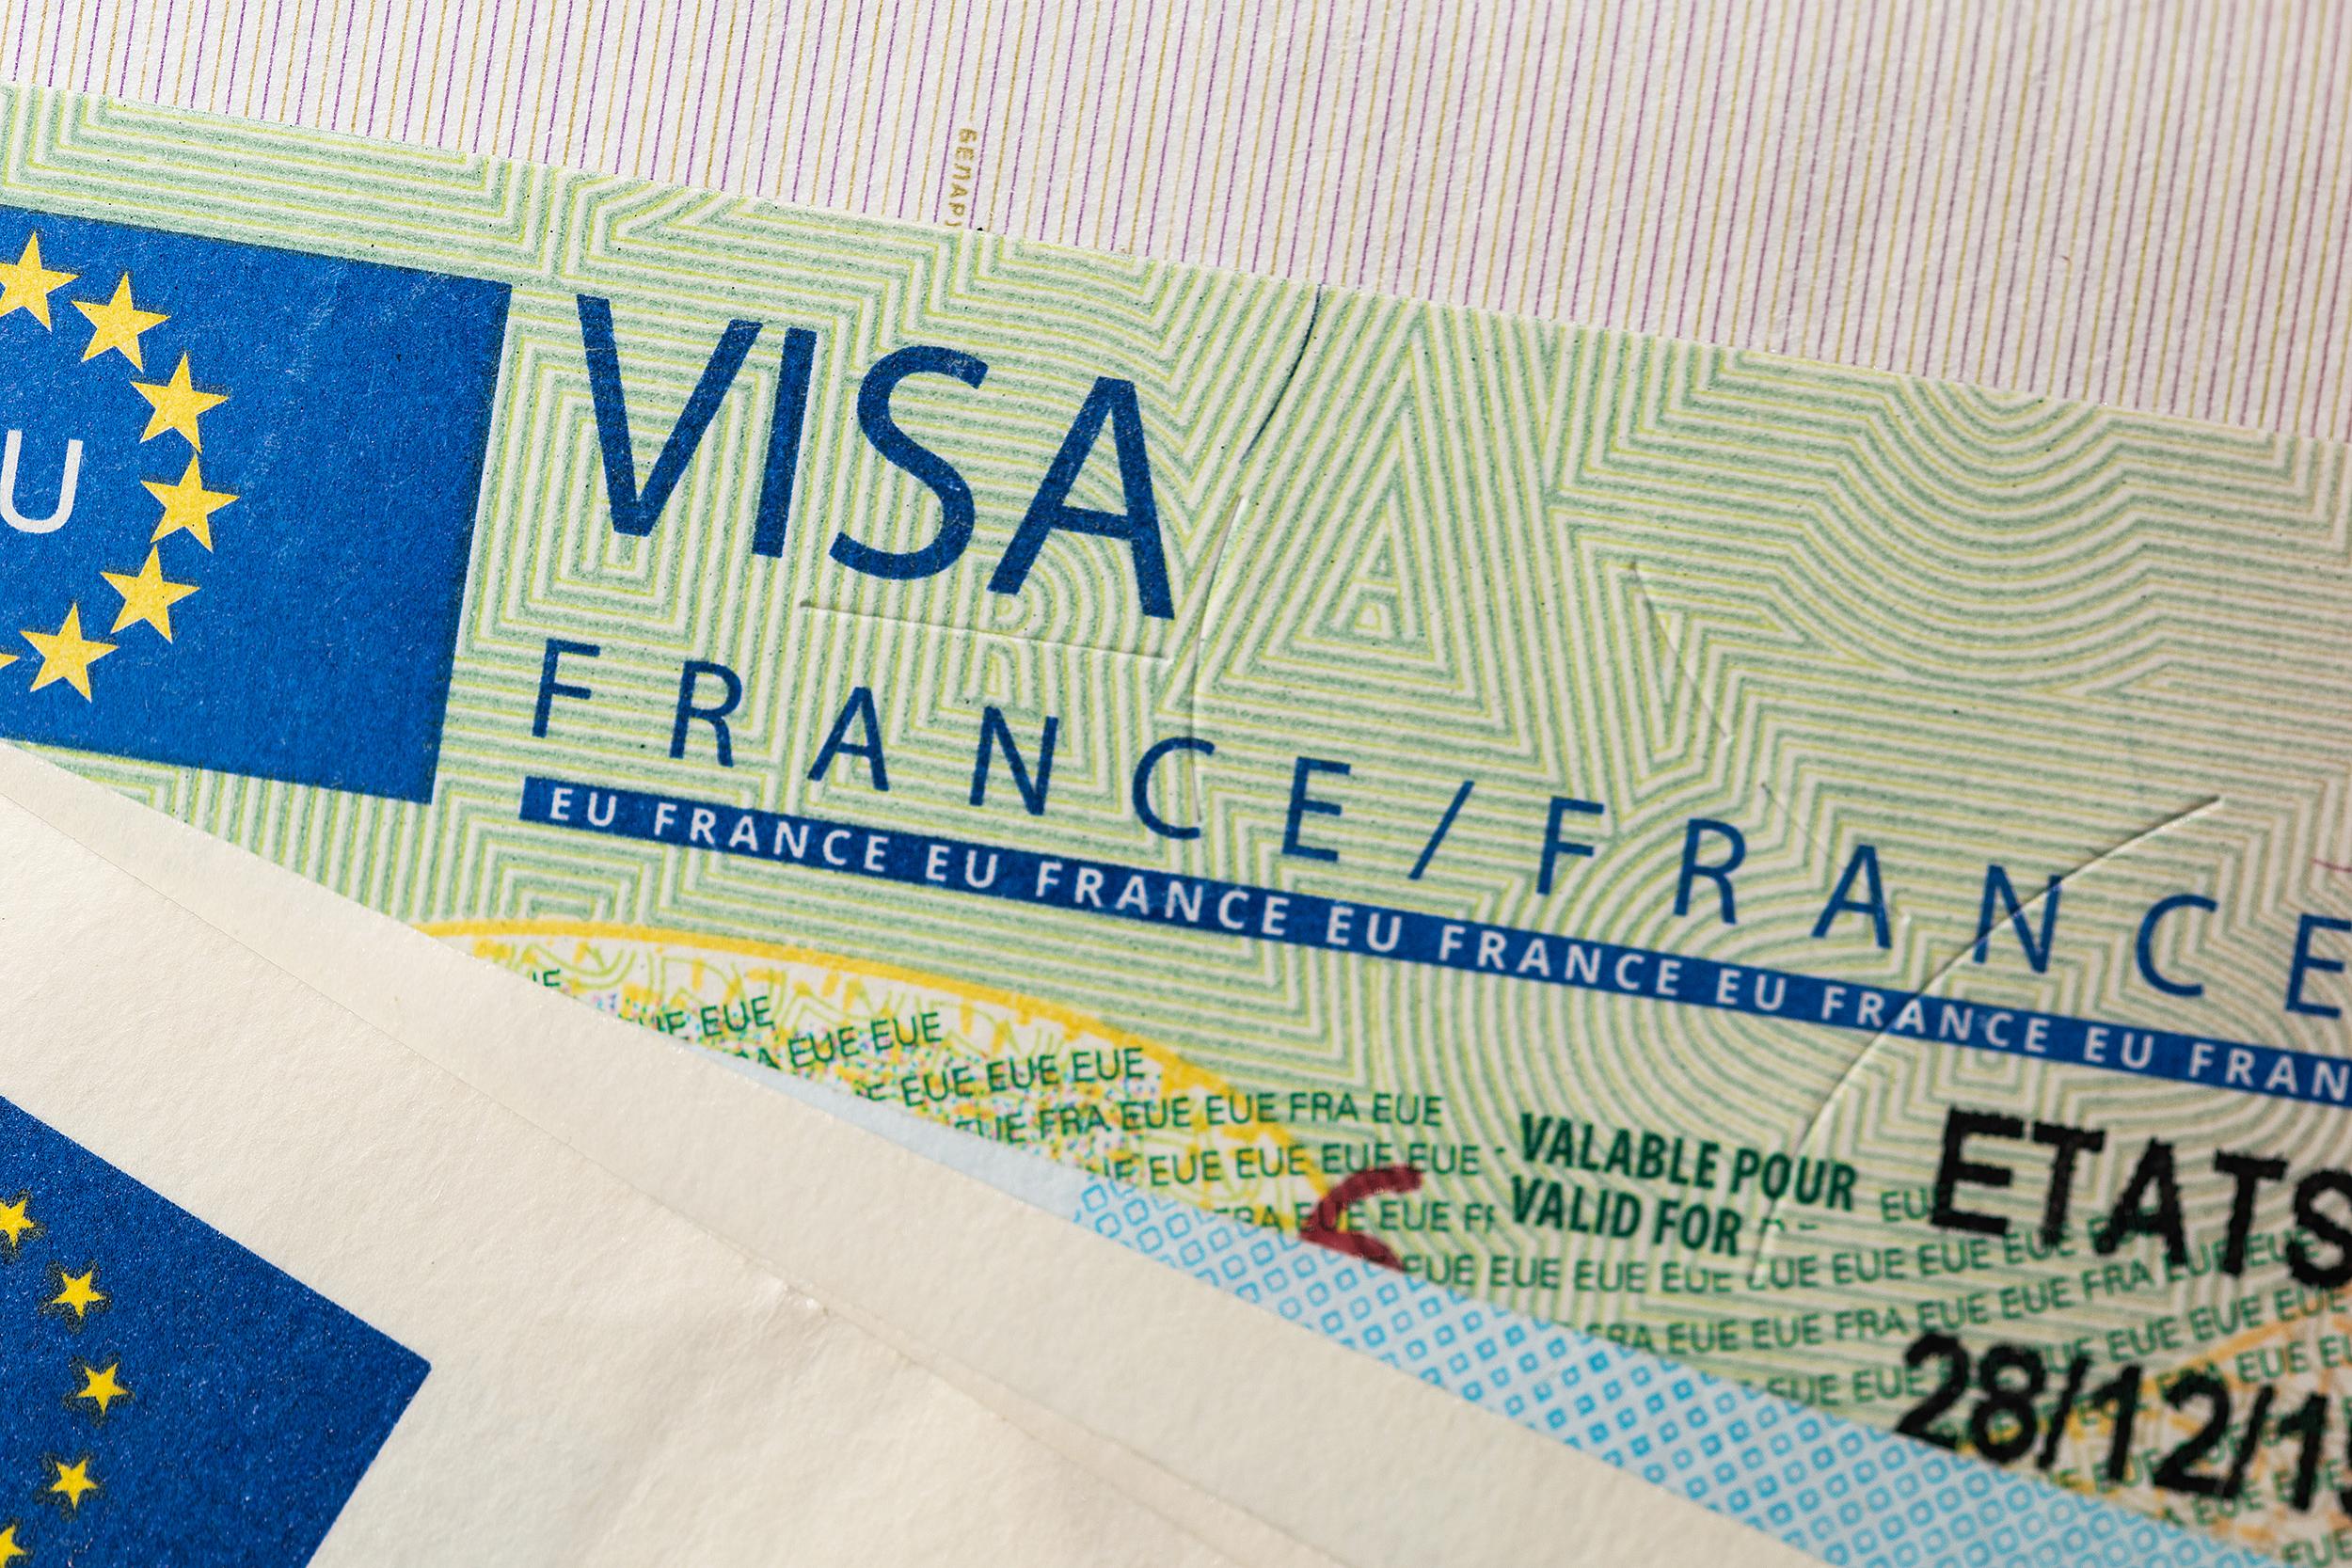 Виза во Францию, для оформления которой надо предоставить фото